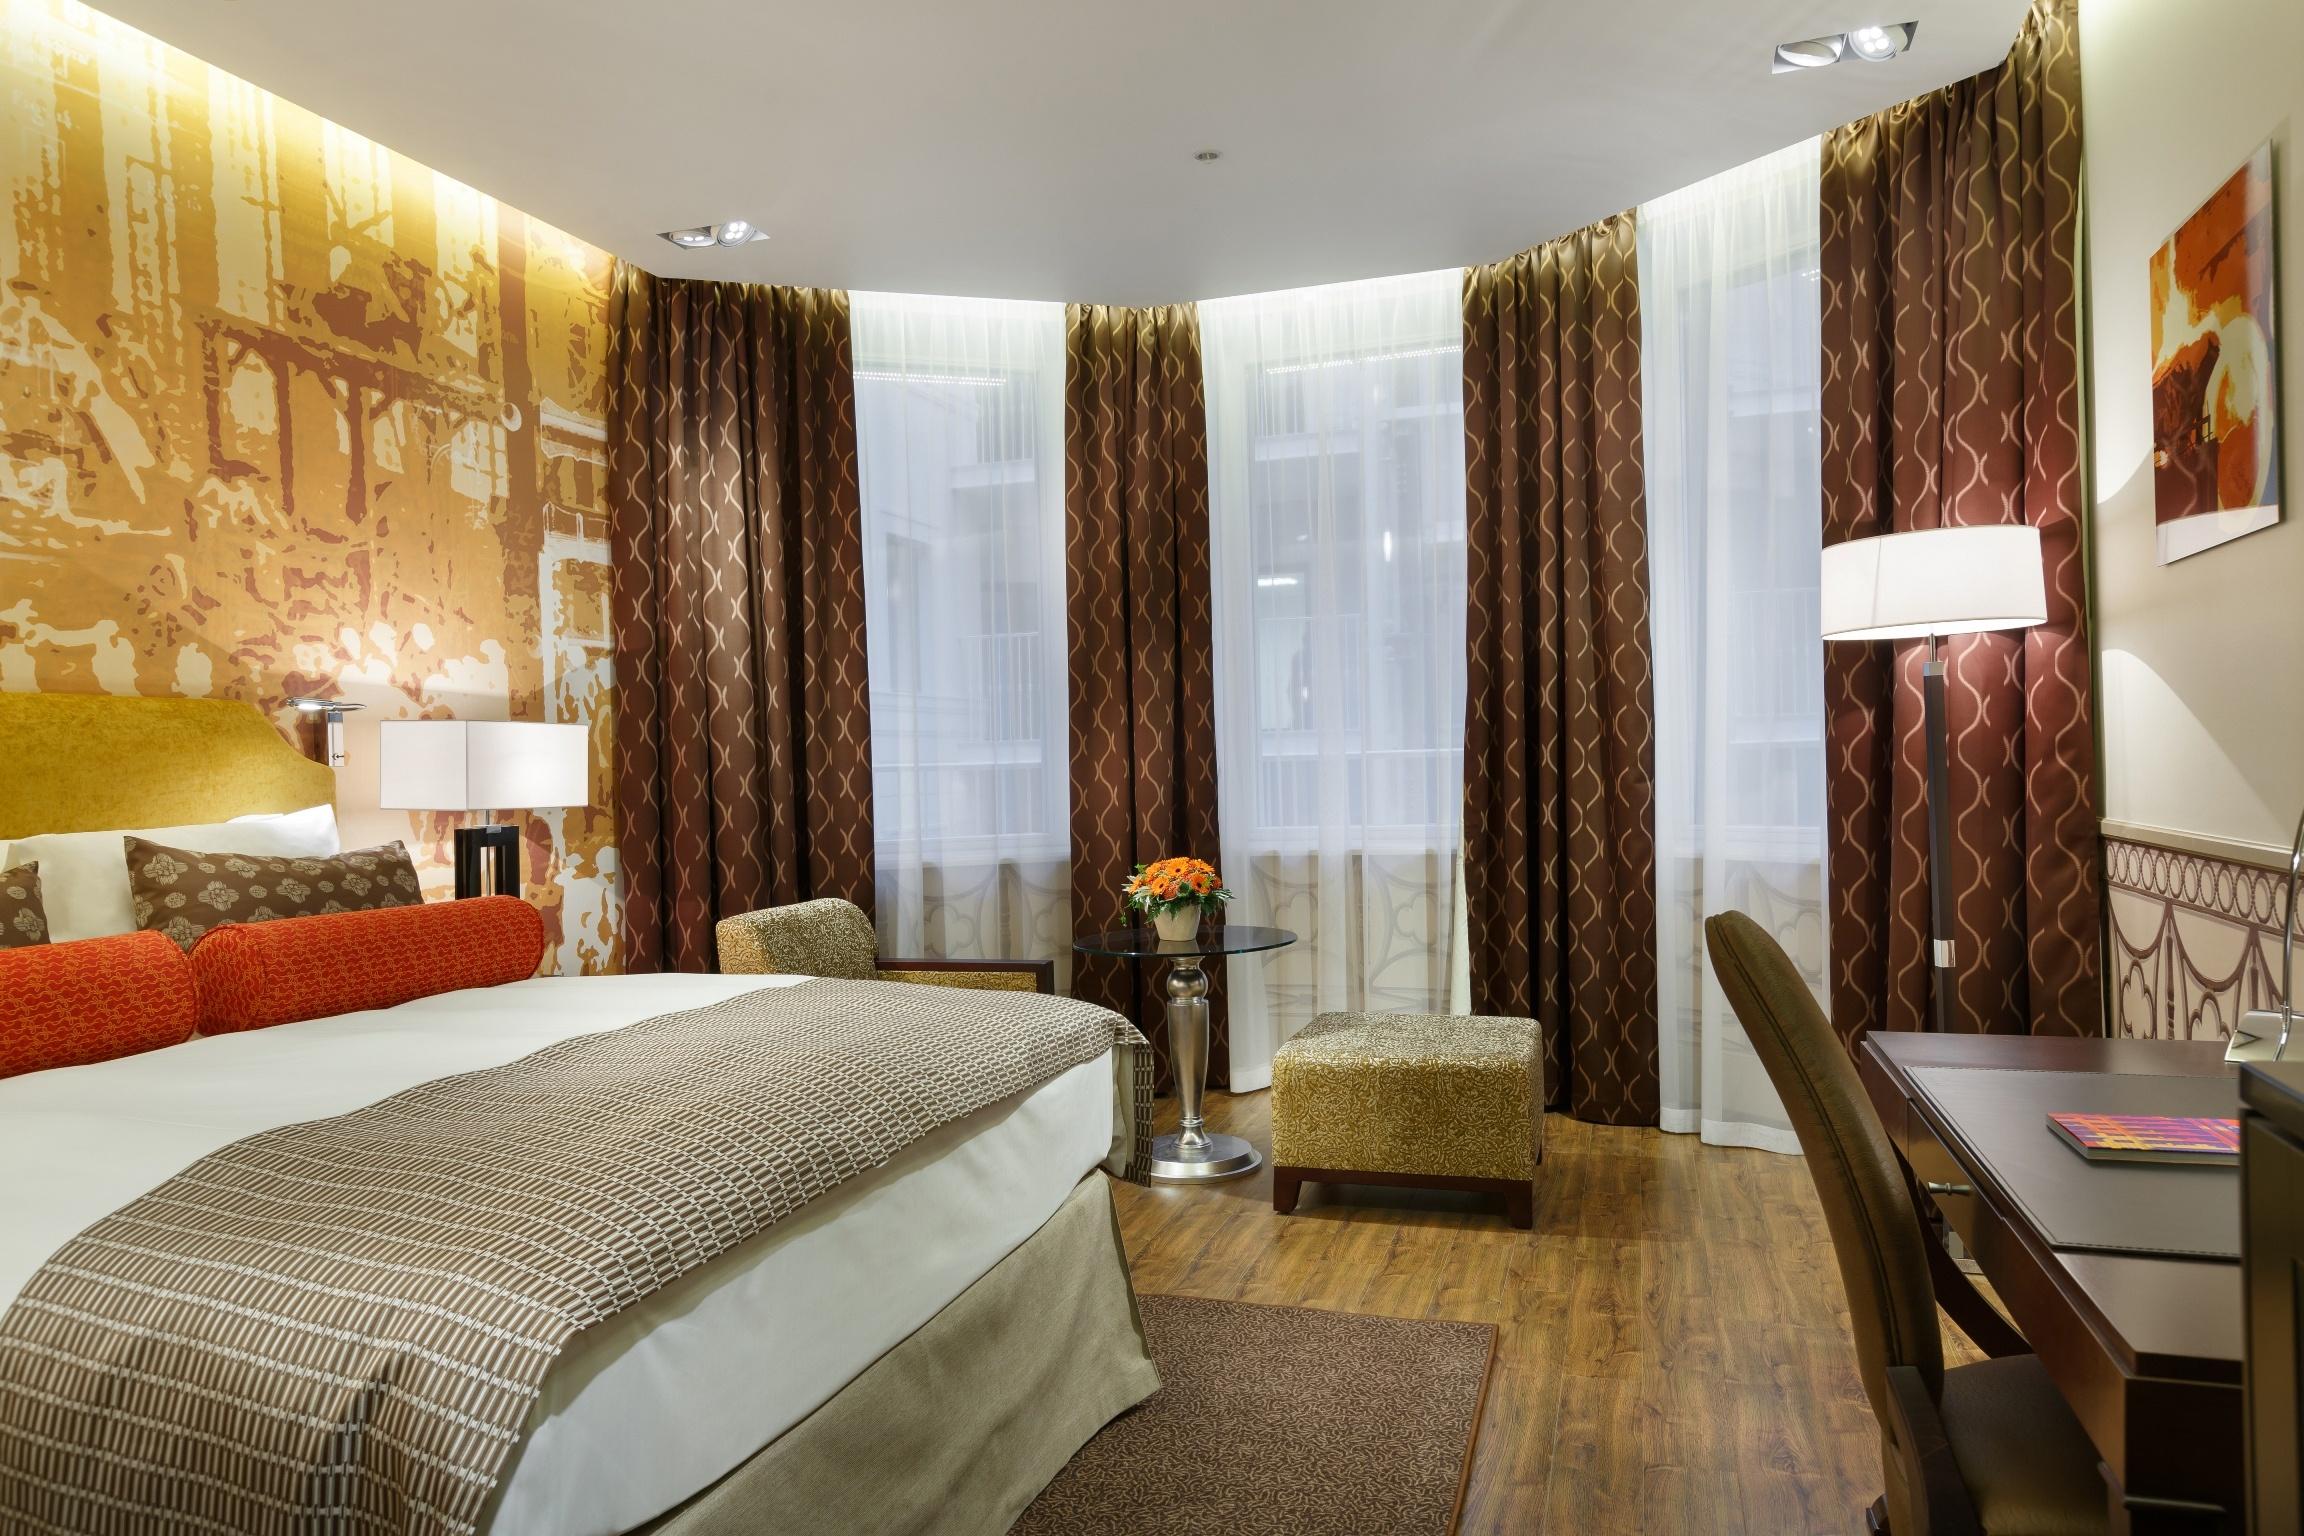 hotel-indigo-st-petersburg-tchaikovskogo-room